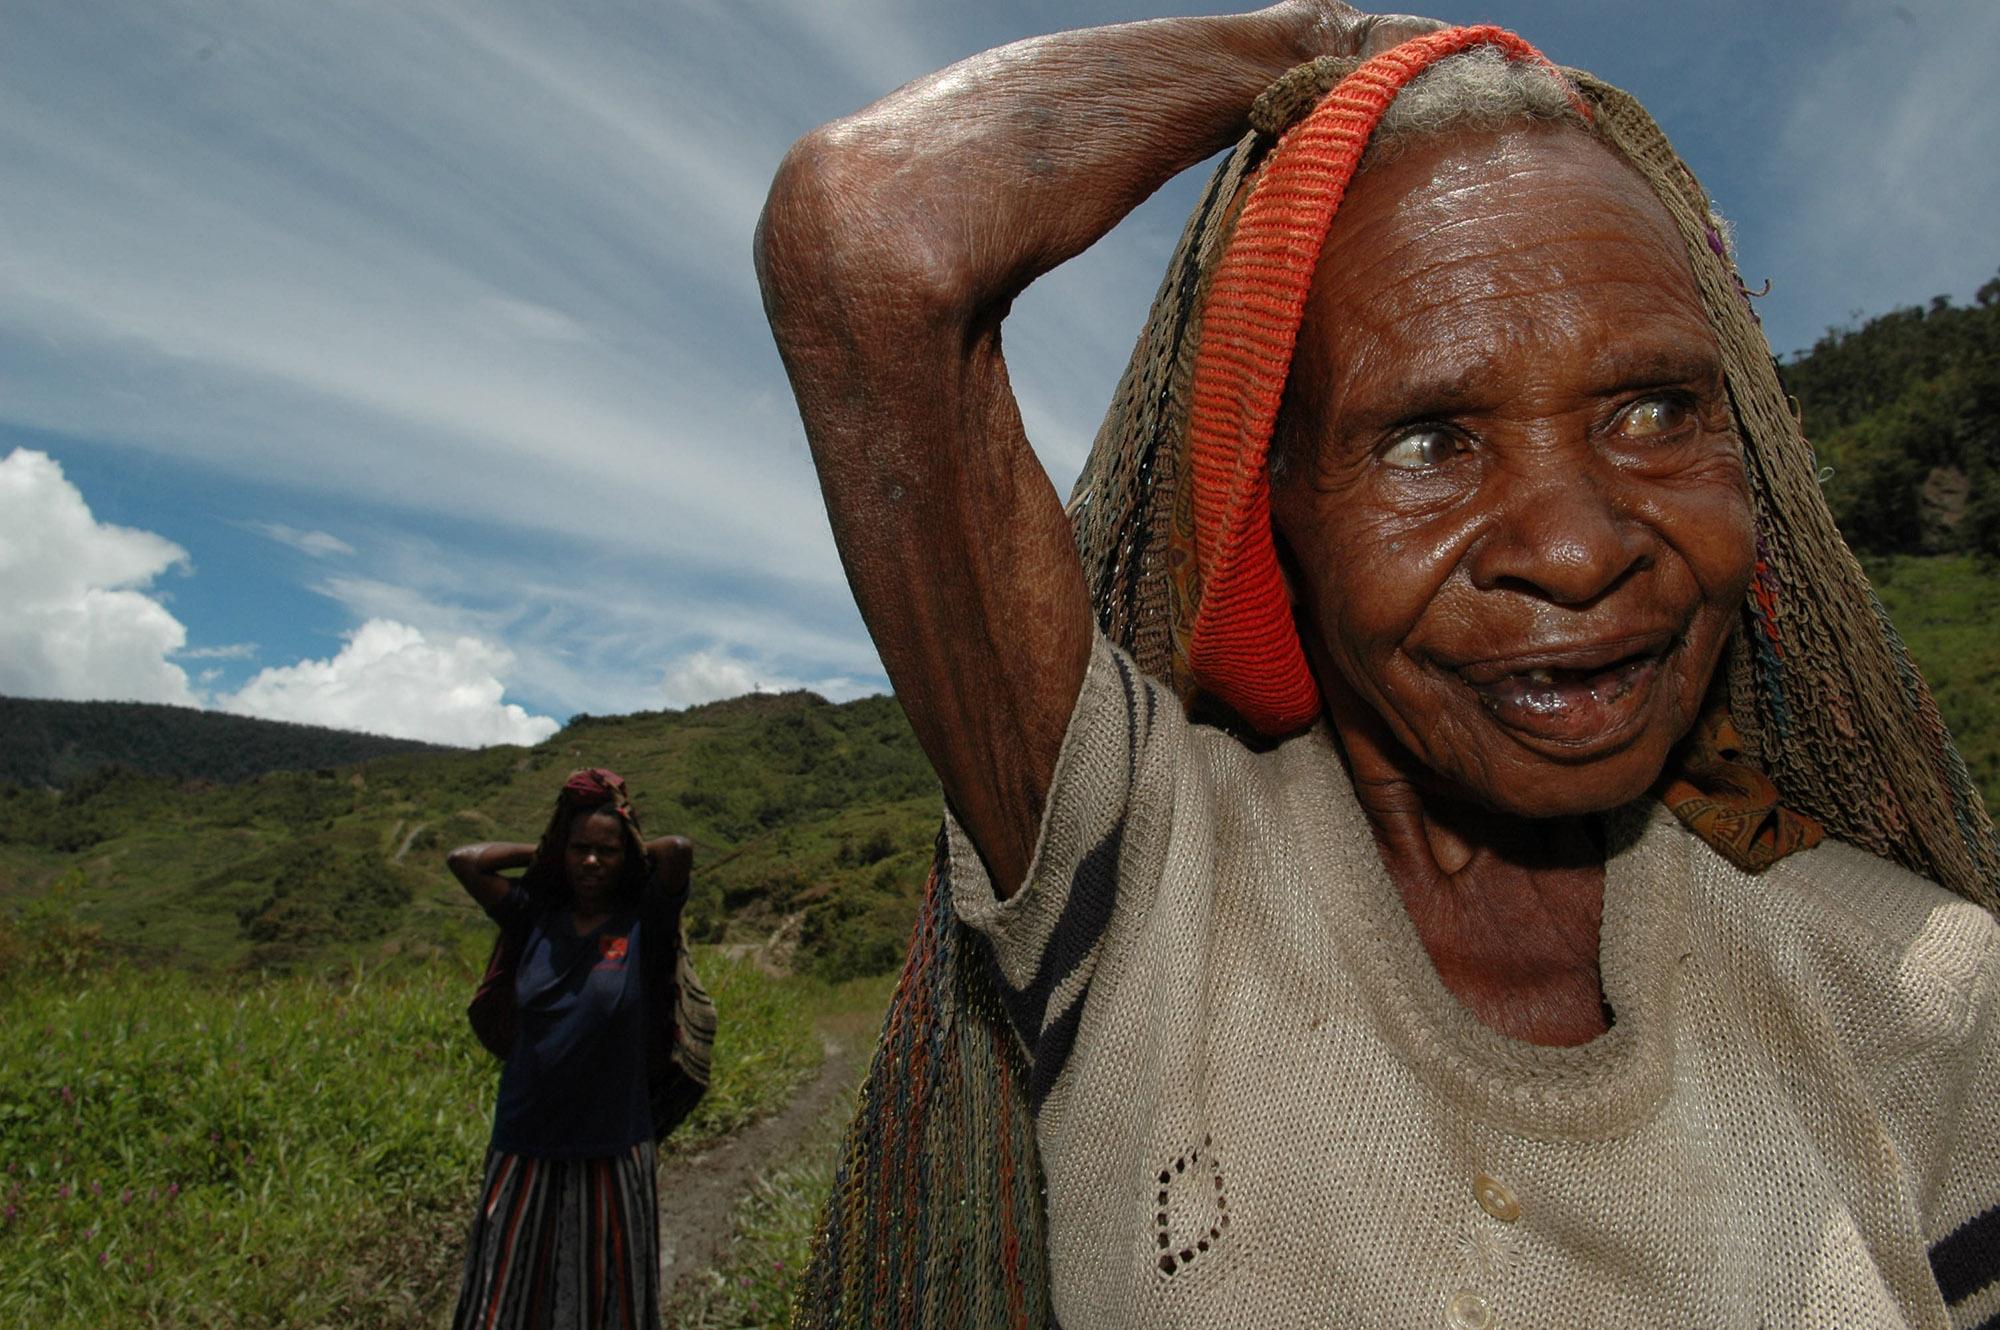 Vrouw met tas op hoofd in landschap